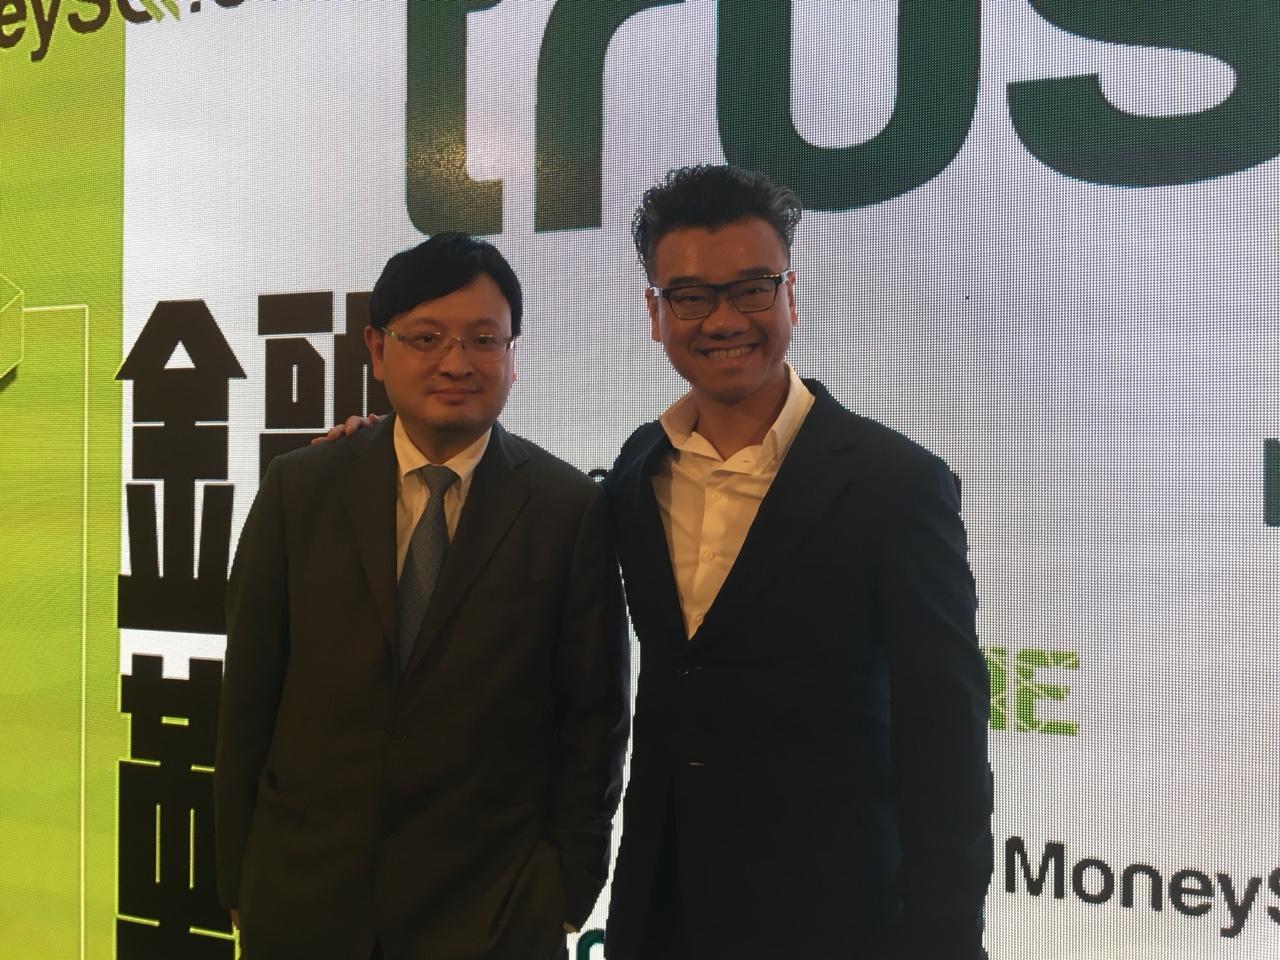 (右)創辦人兼行政總裁李根泰,(左)金融科技總監楊偉強